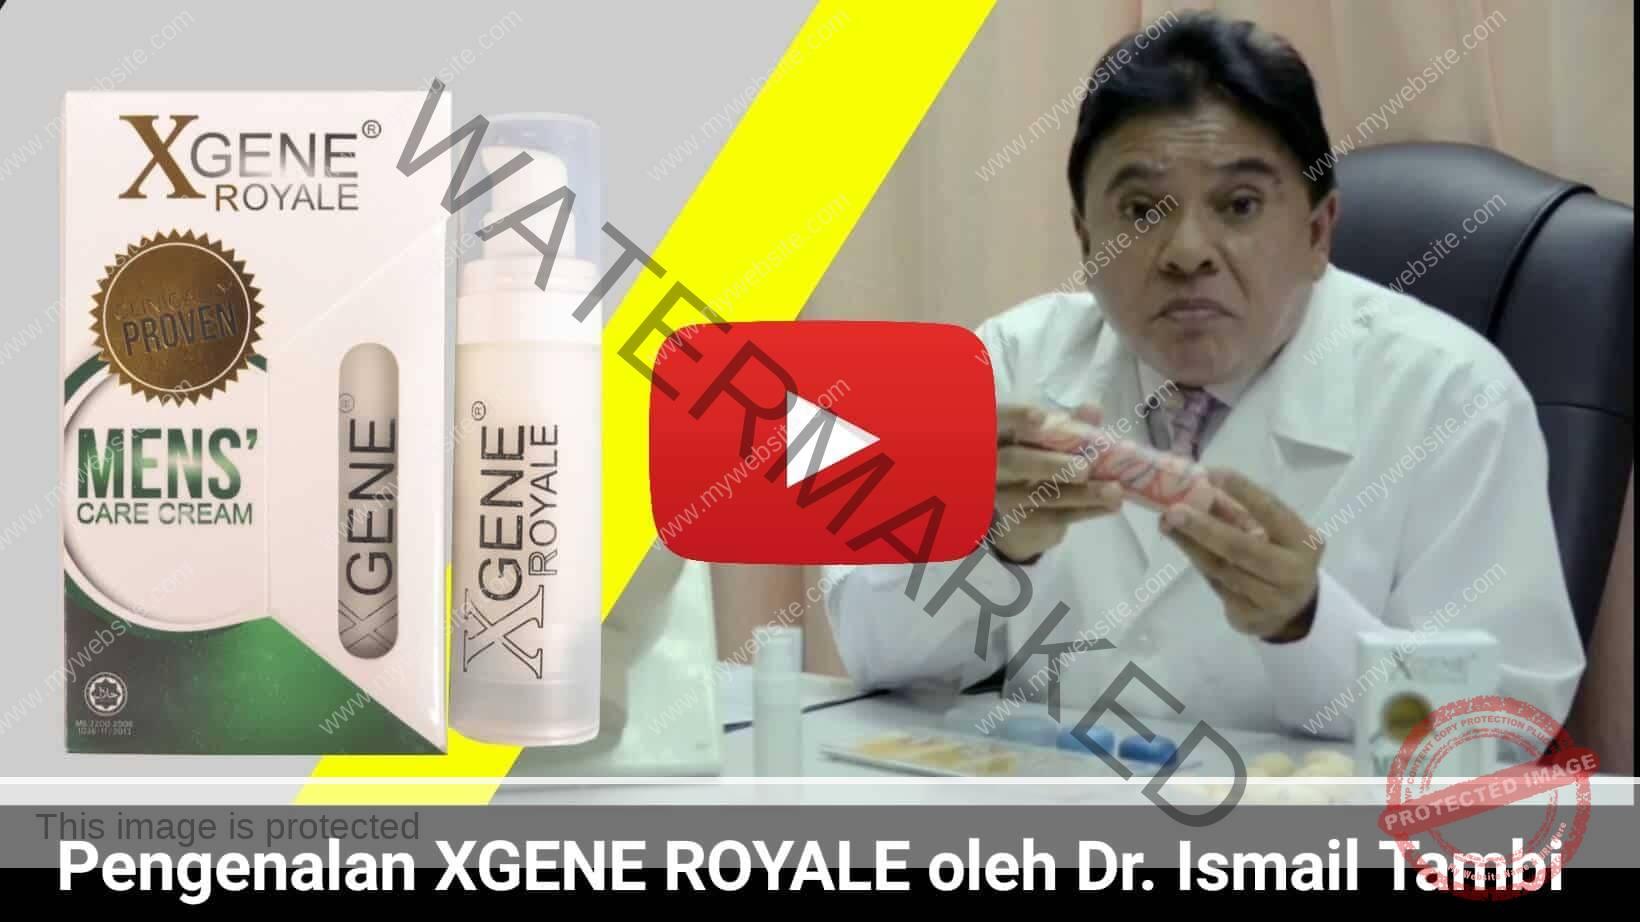 Xgene Royale Youtube